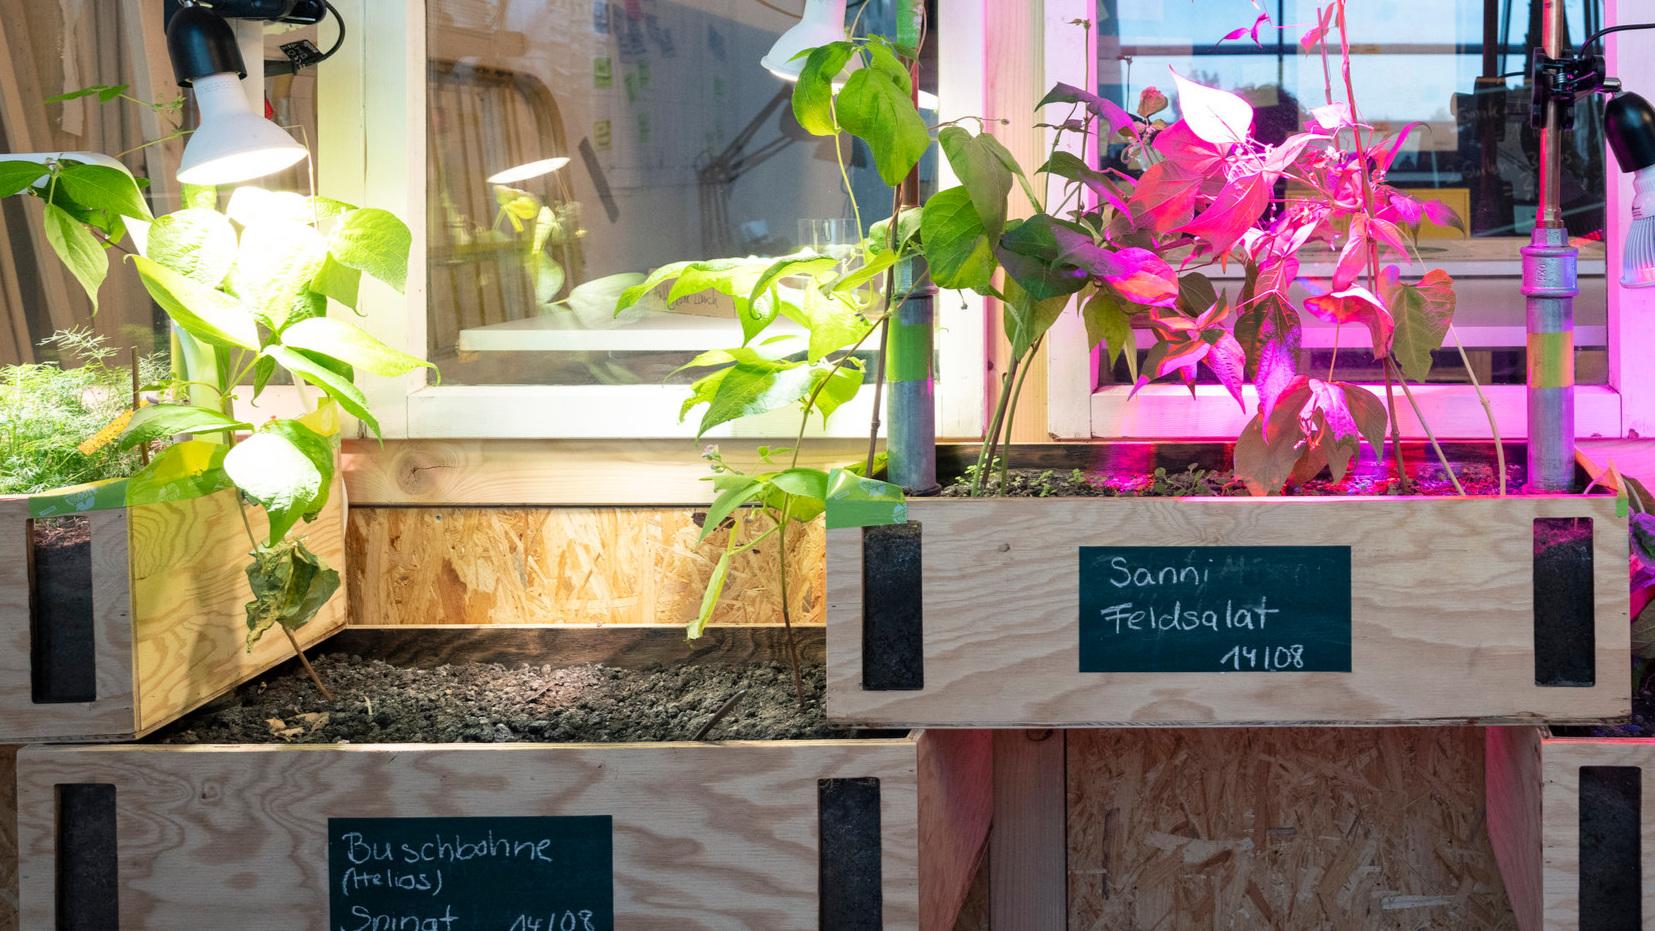 """BlackTurtle Indoor - """"Starte mit uns das Indoor-Experiment und baue Gemüse in deinen eigenen 4 Wänden an!"""